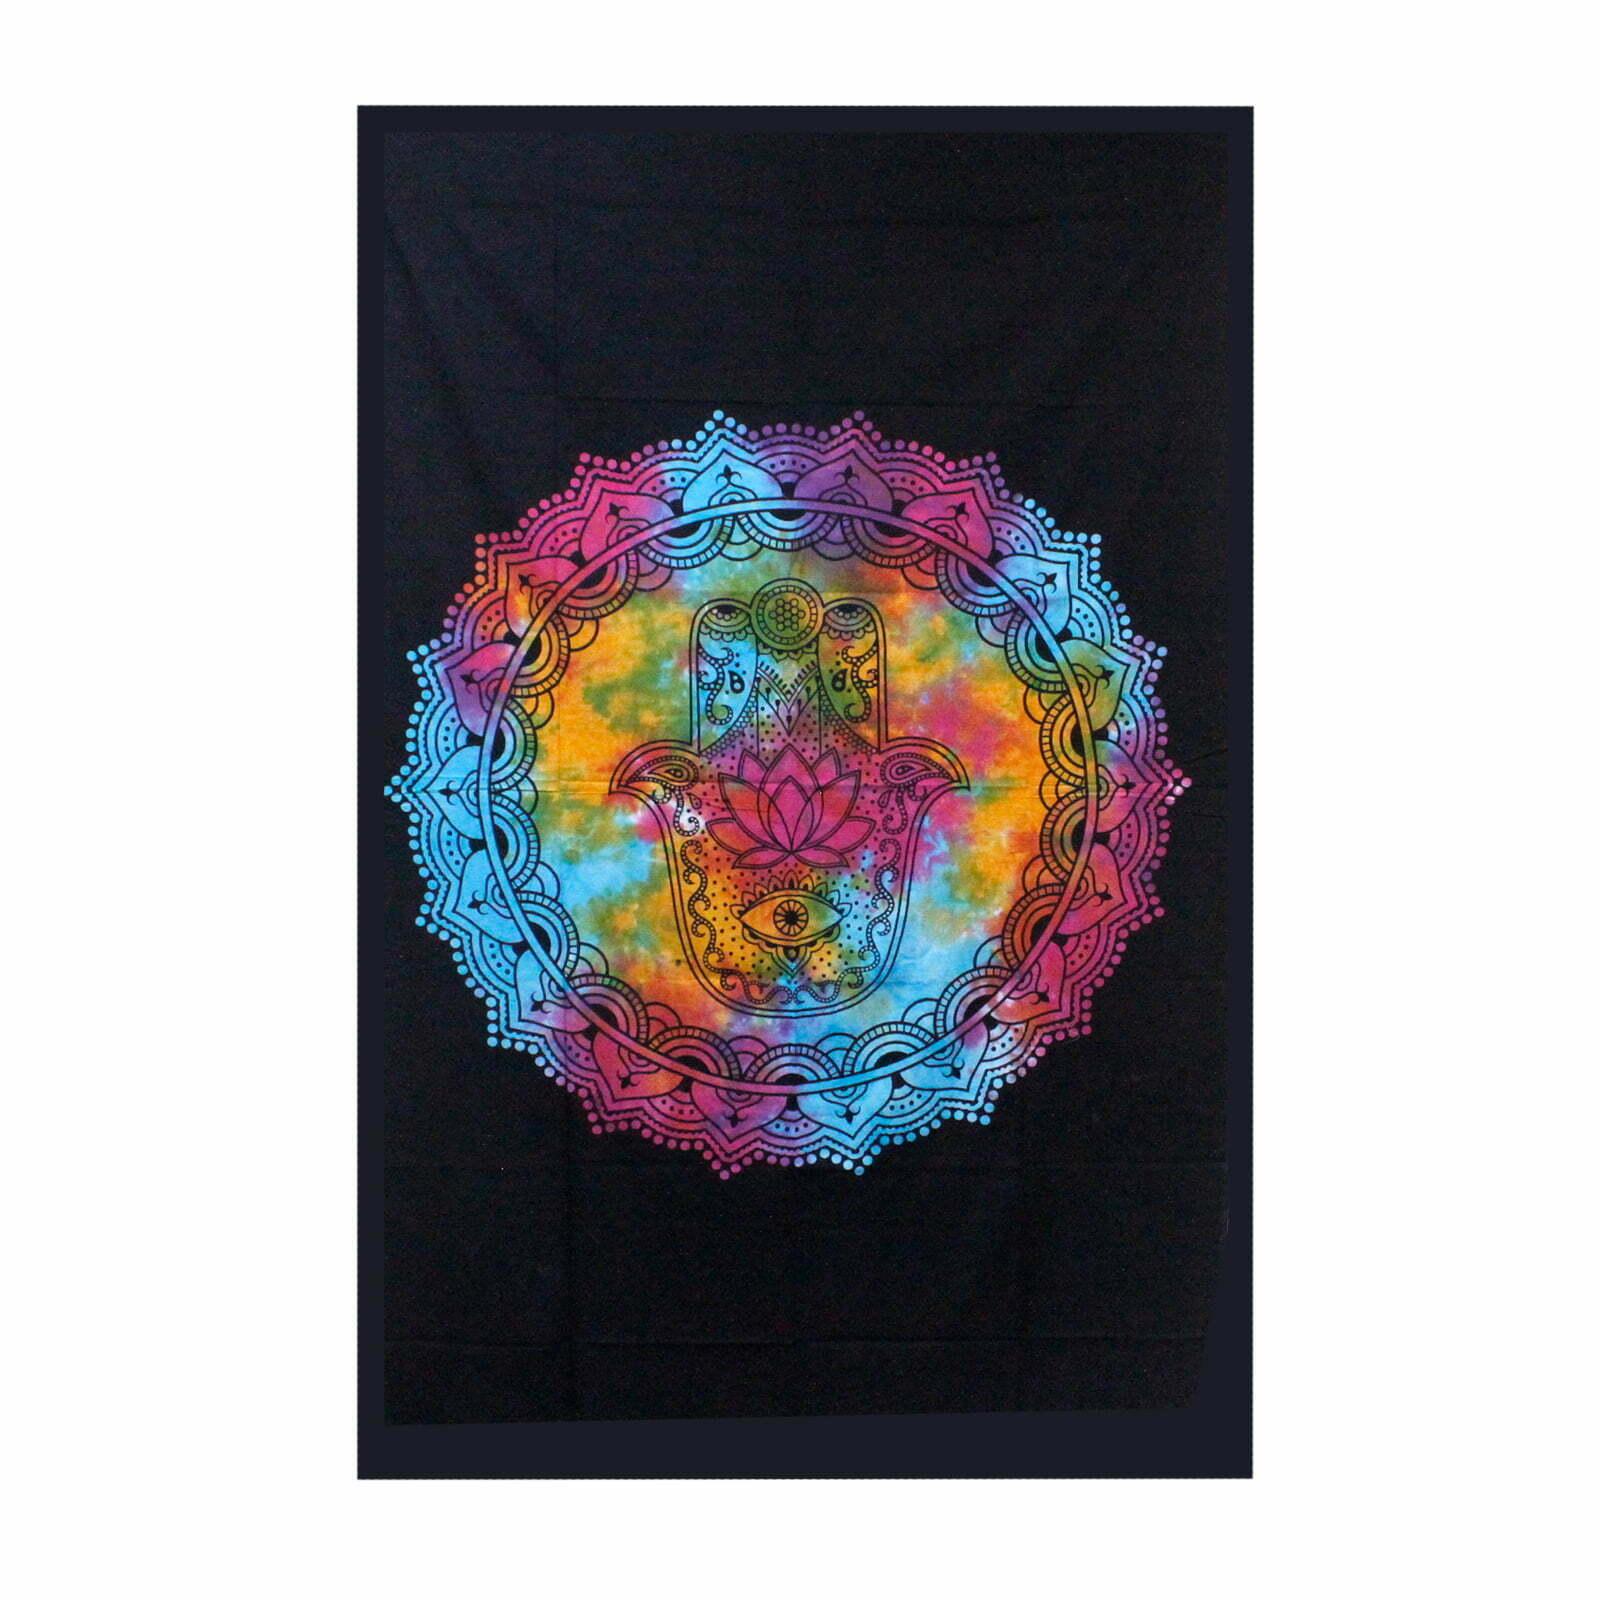 Colcha de algodão – Hamsa Black